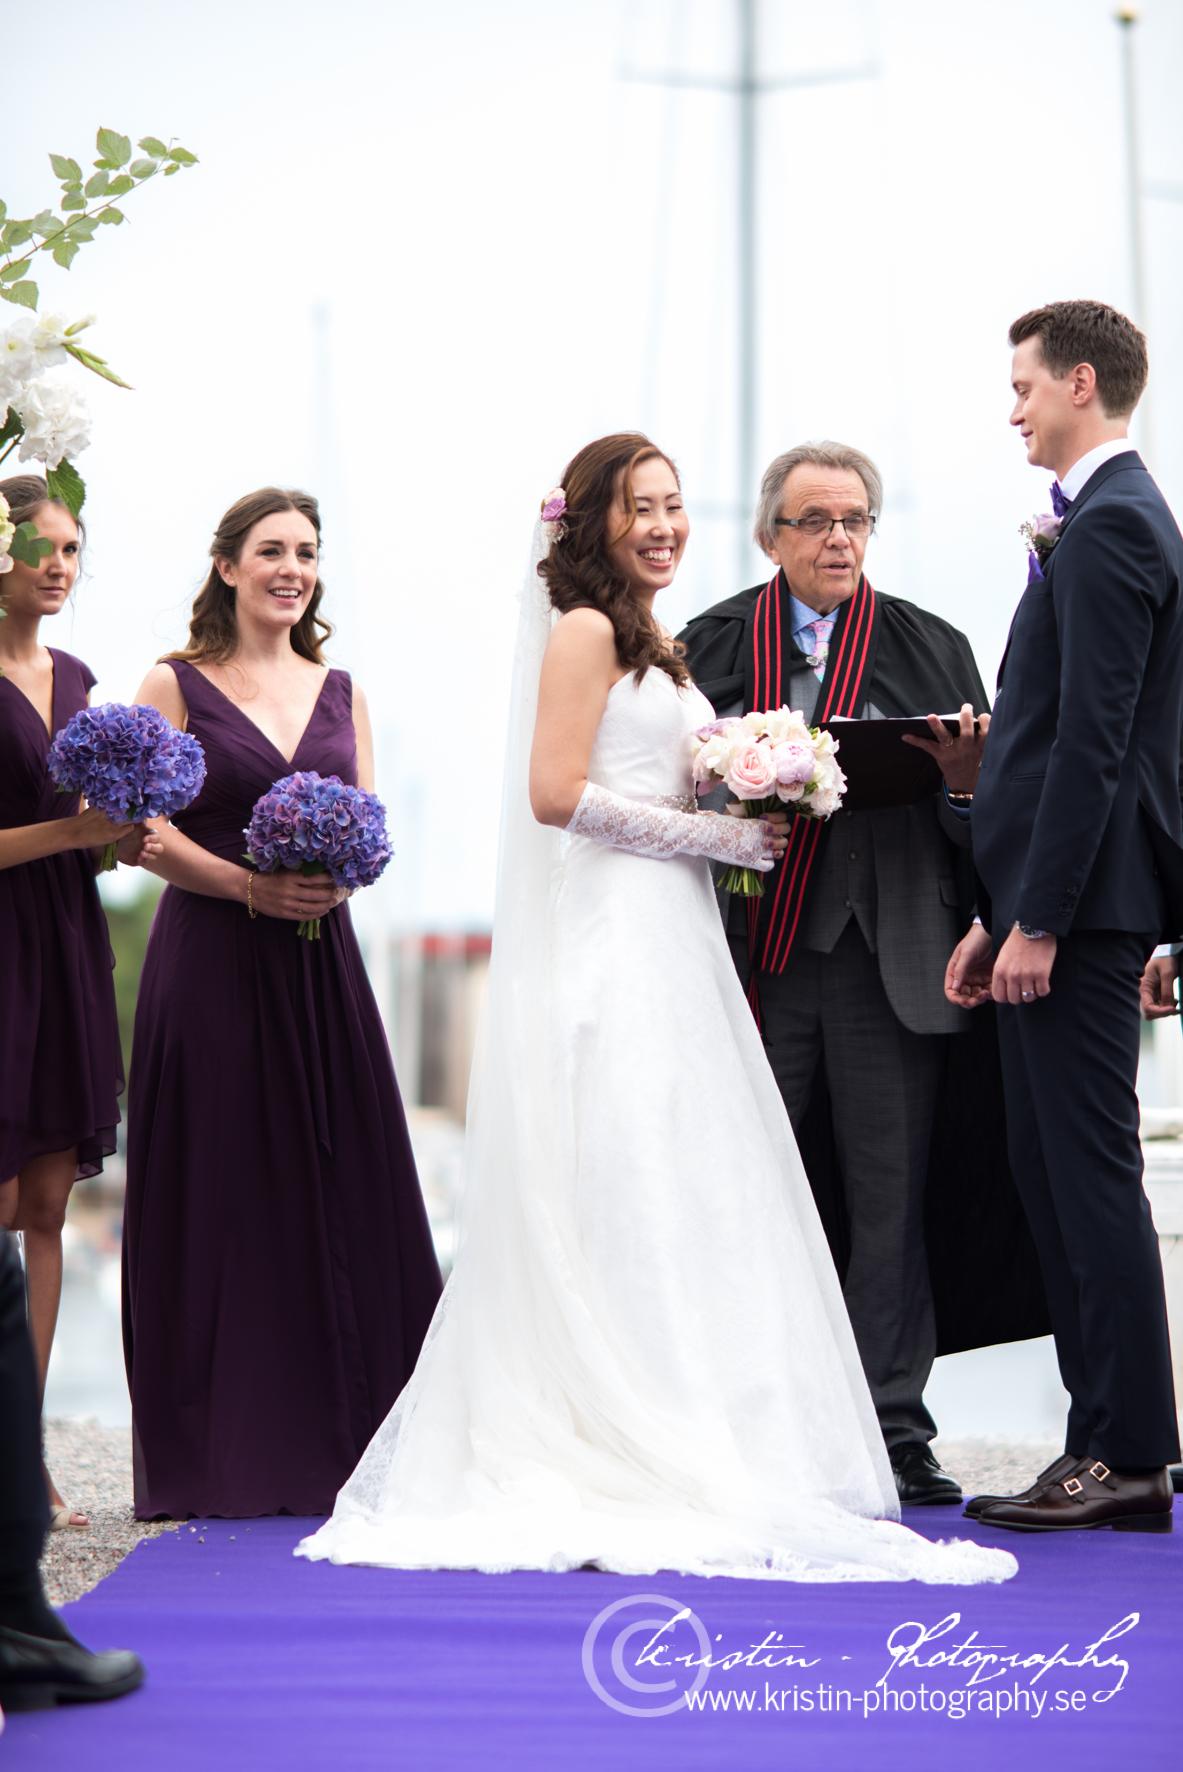 Bröllopsfotograf i Eskilstuna, Kristin - Photography-187.jpg